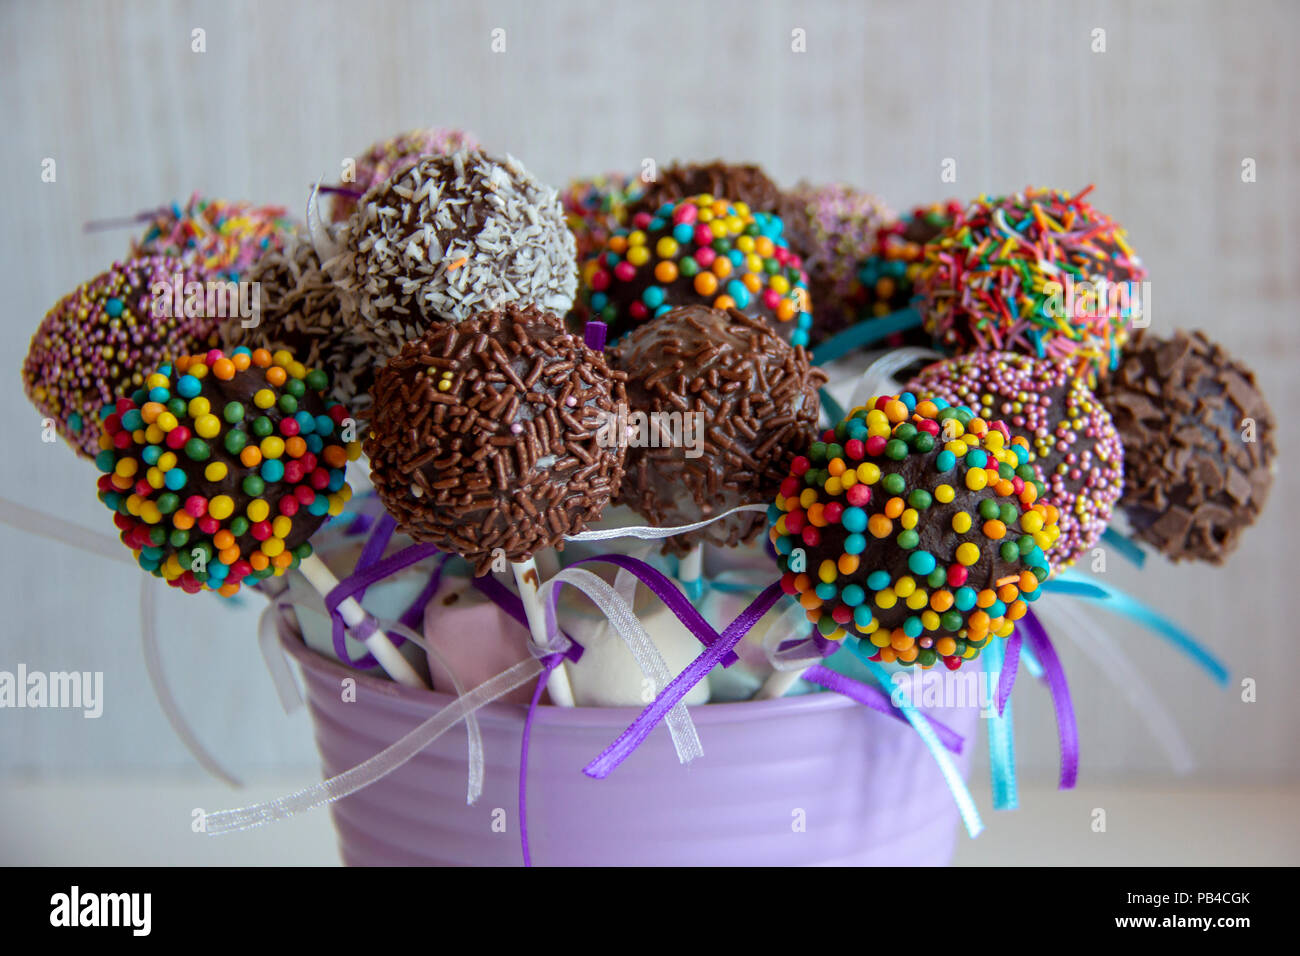 Farbige Susse Kuchen Sussigkeiten Knallt Schokoriegel Und Popcakes